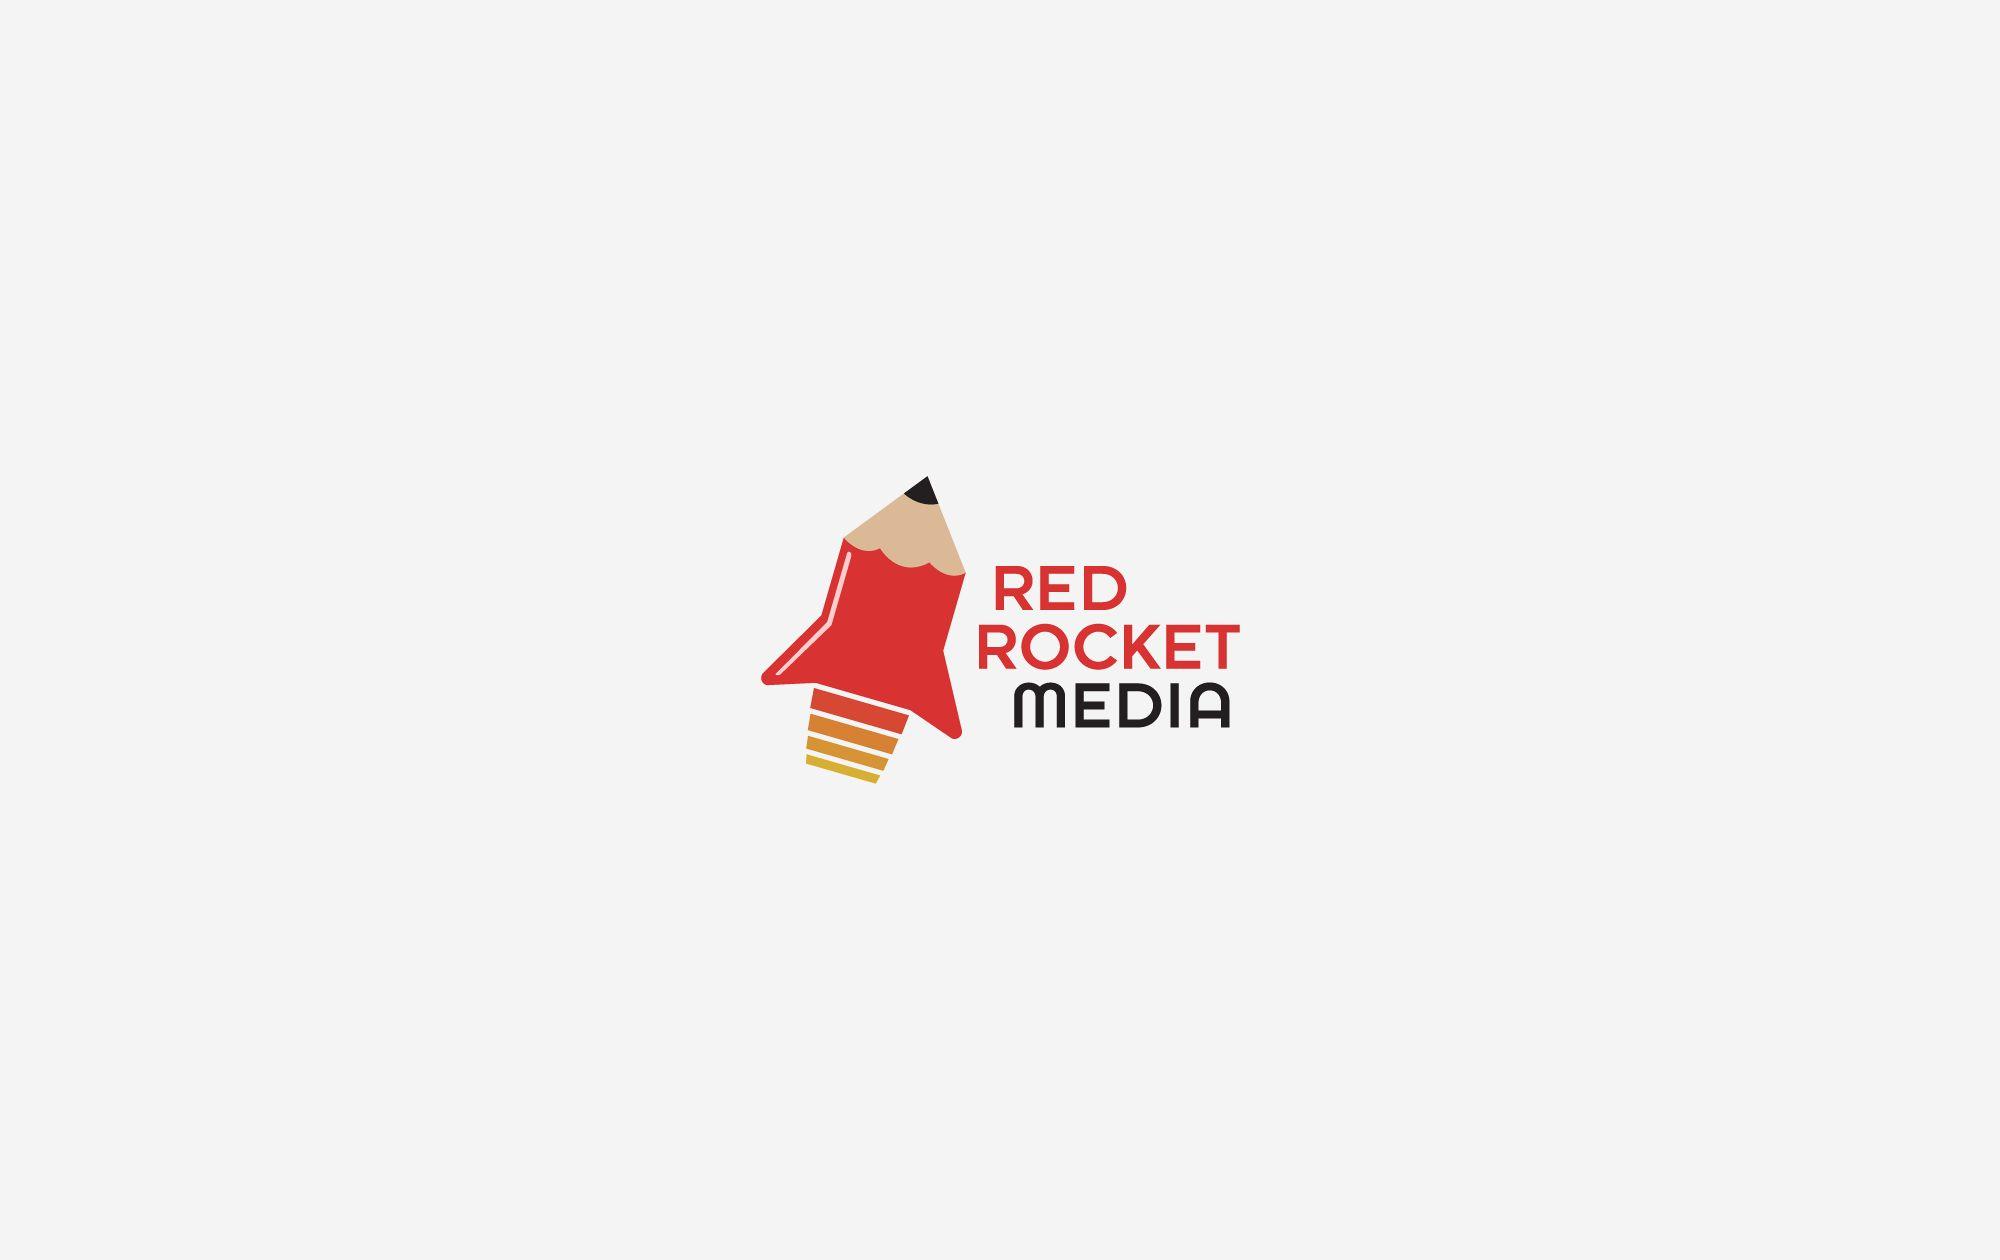 Лого и фирменный стиль для RedRocketMedia - дизайнер nuttale